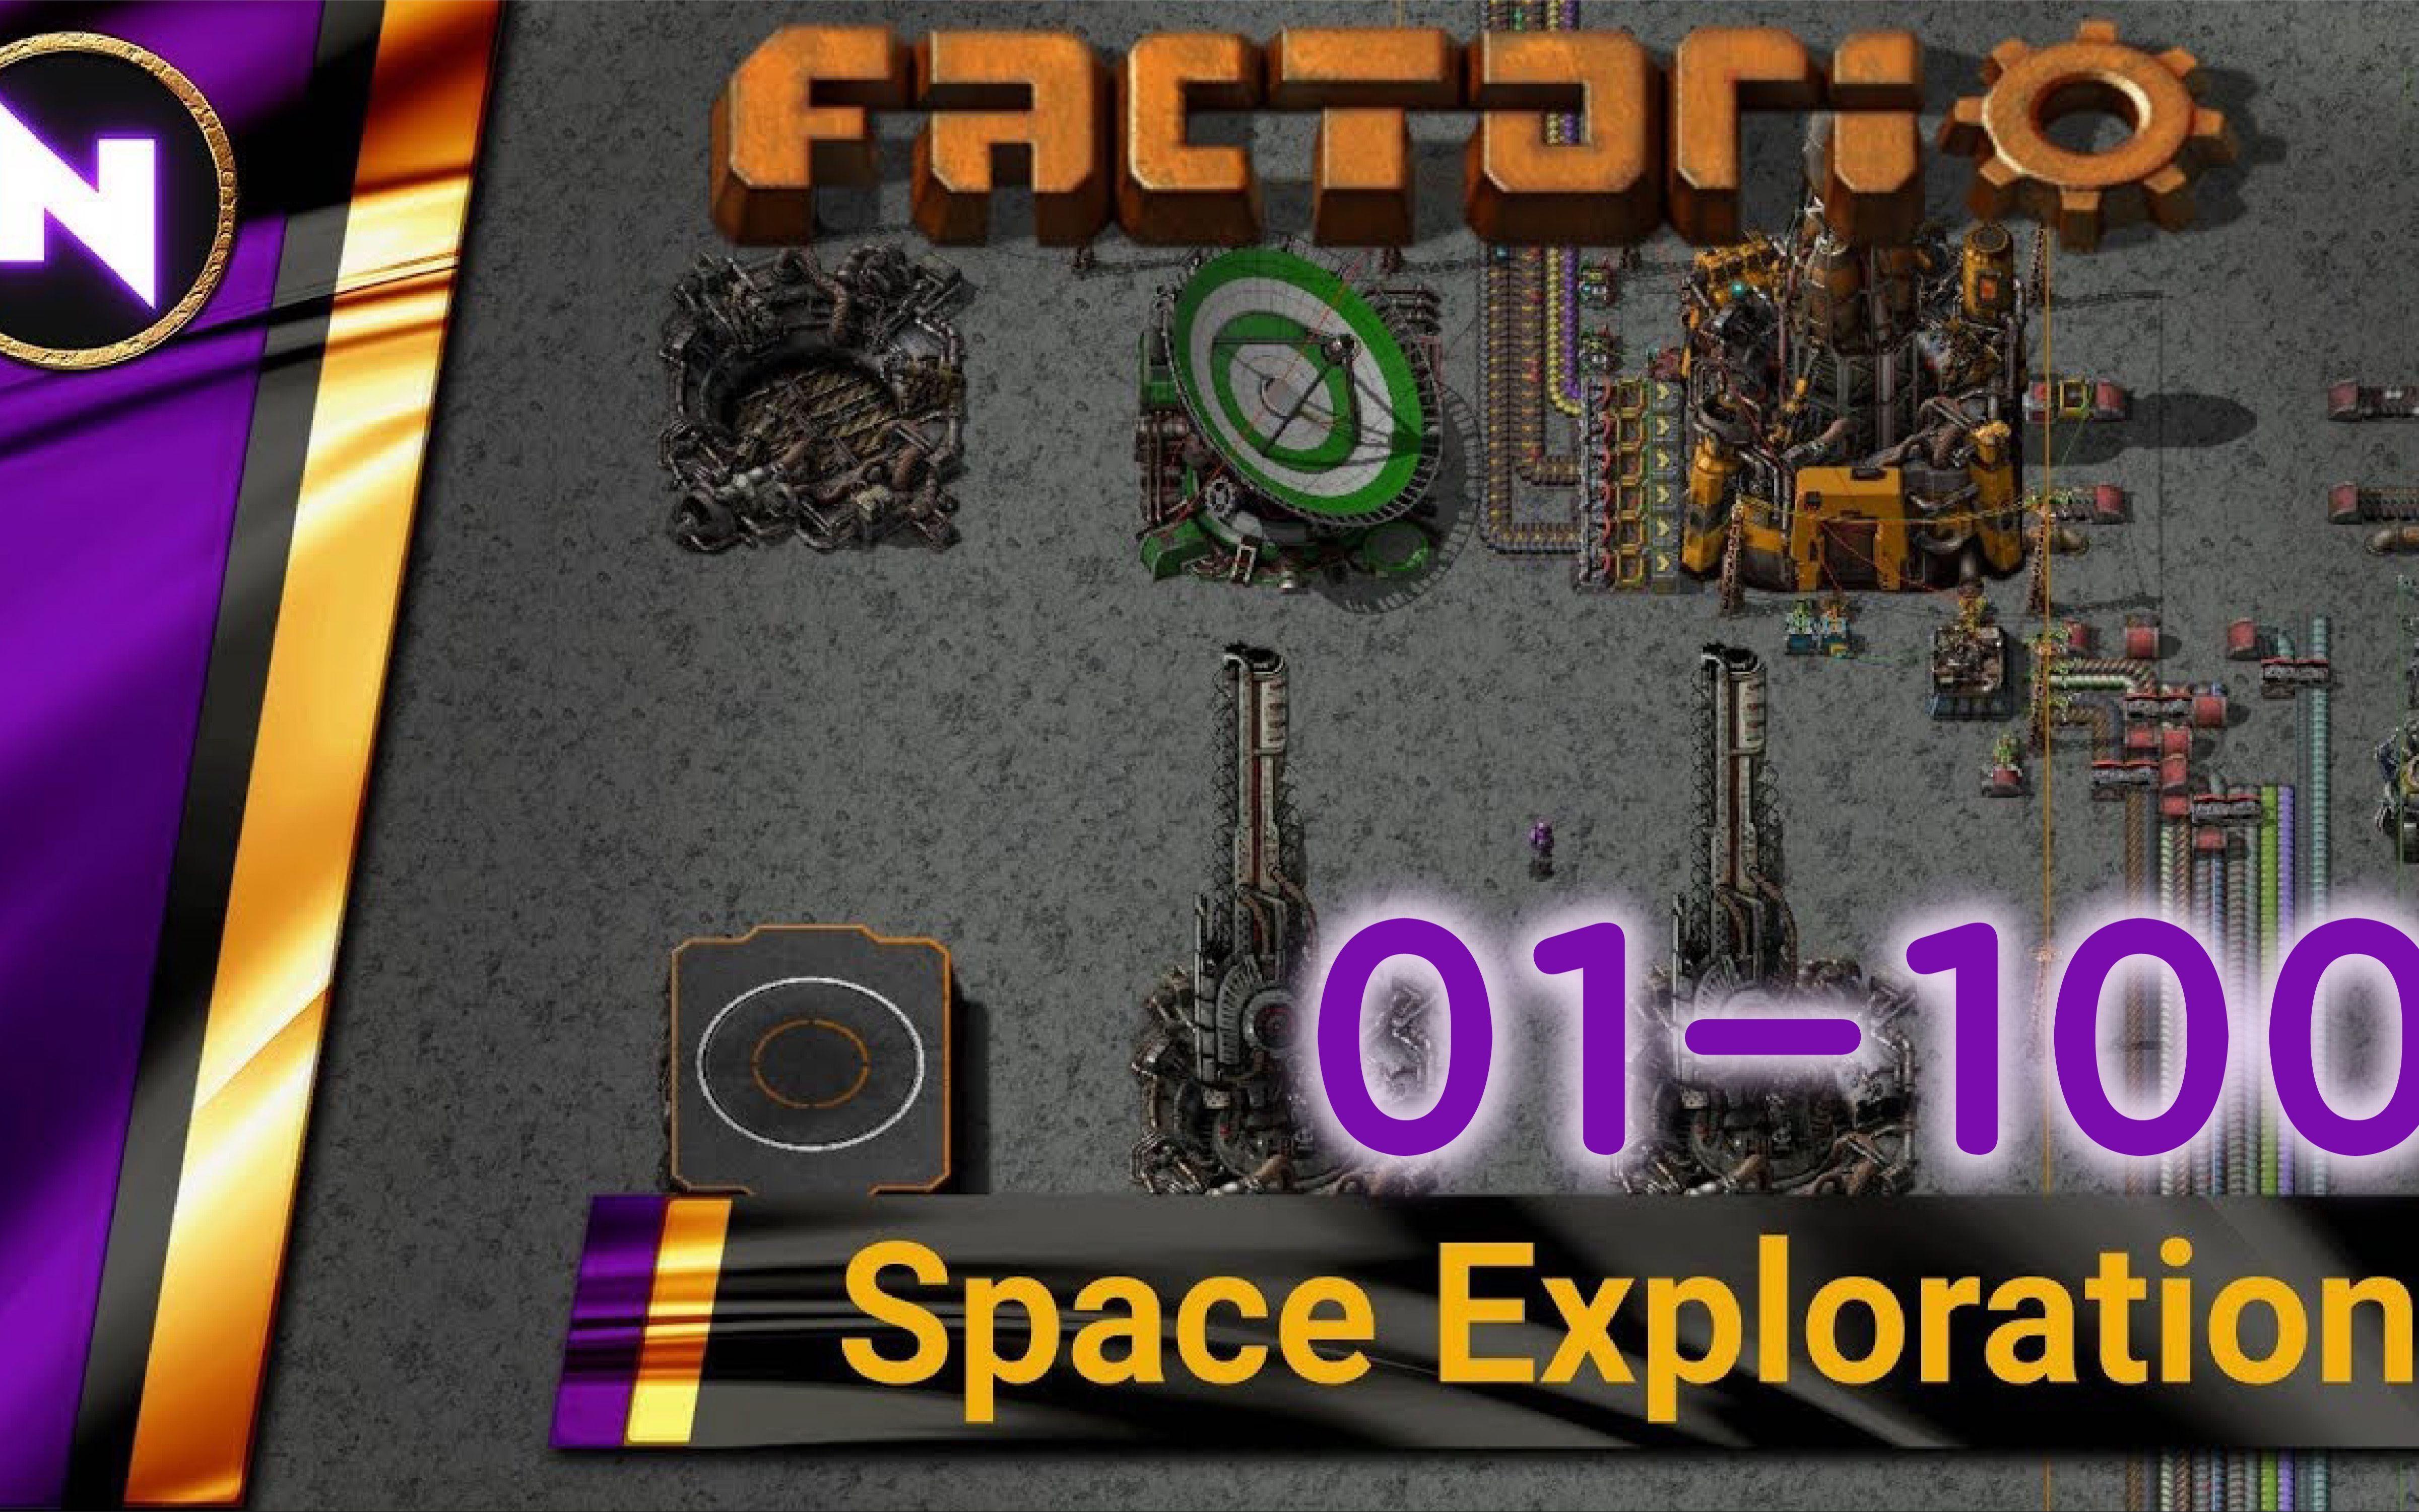 异星工厂 Factorio 0 17 Space Exploration 1-100集Youtube